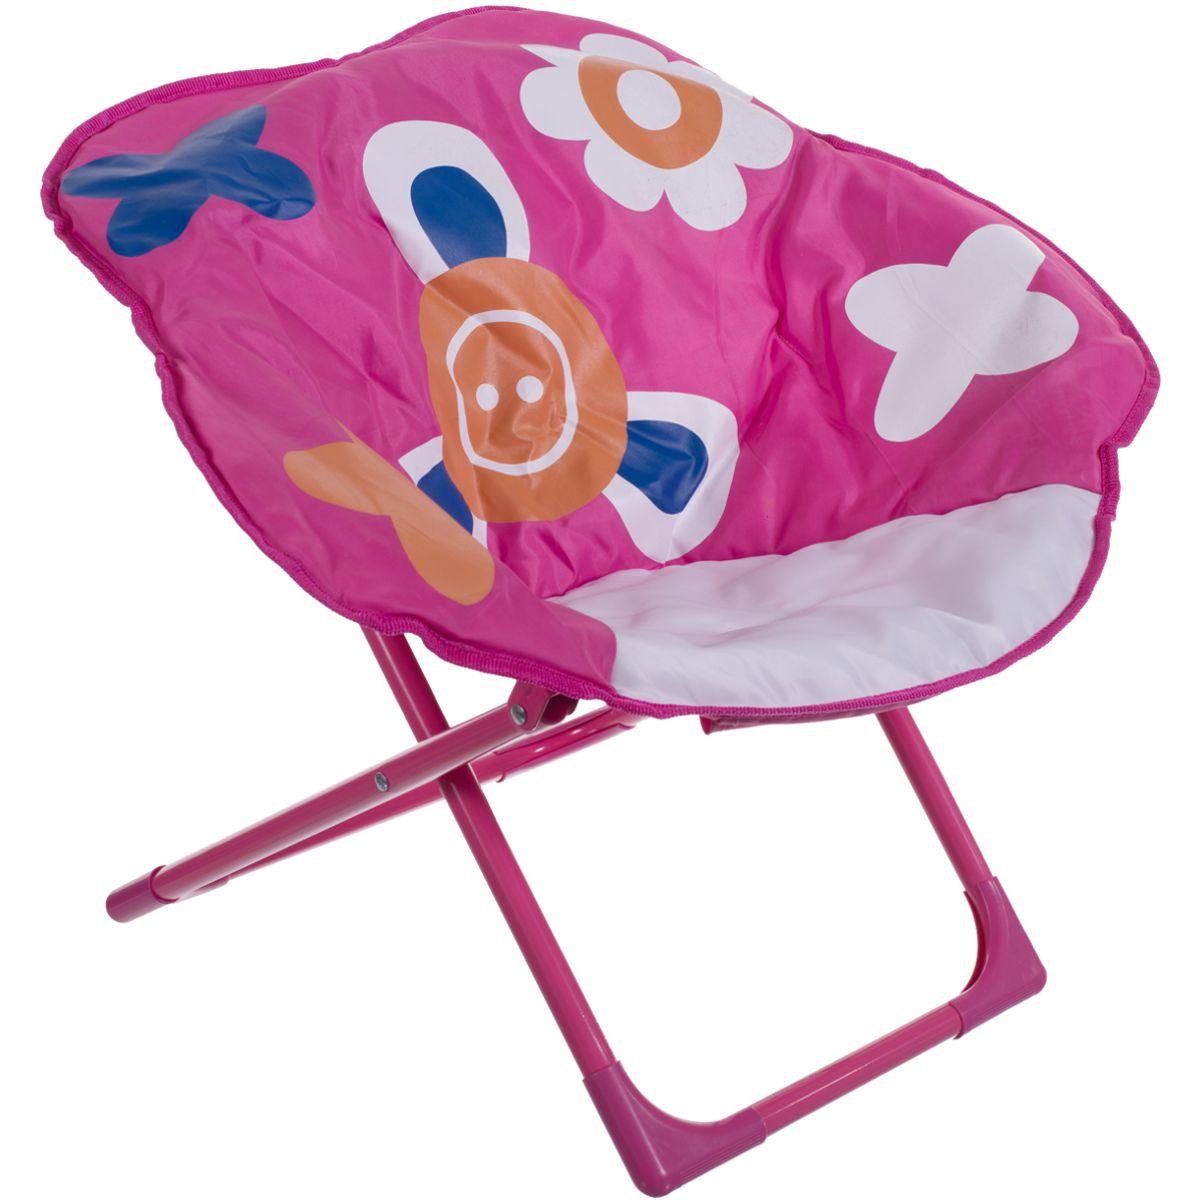 kinder klappstuhl gartenstuhl stuhl liegestuhl. Black Bedroom Furniture Sets. Home Design Ideas